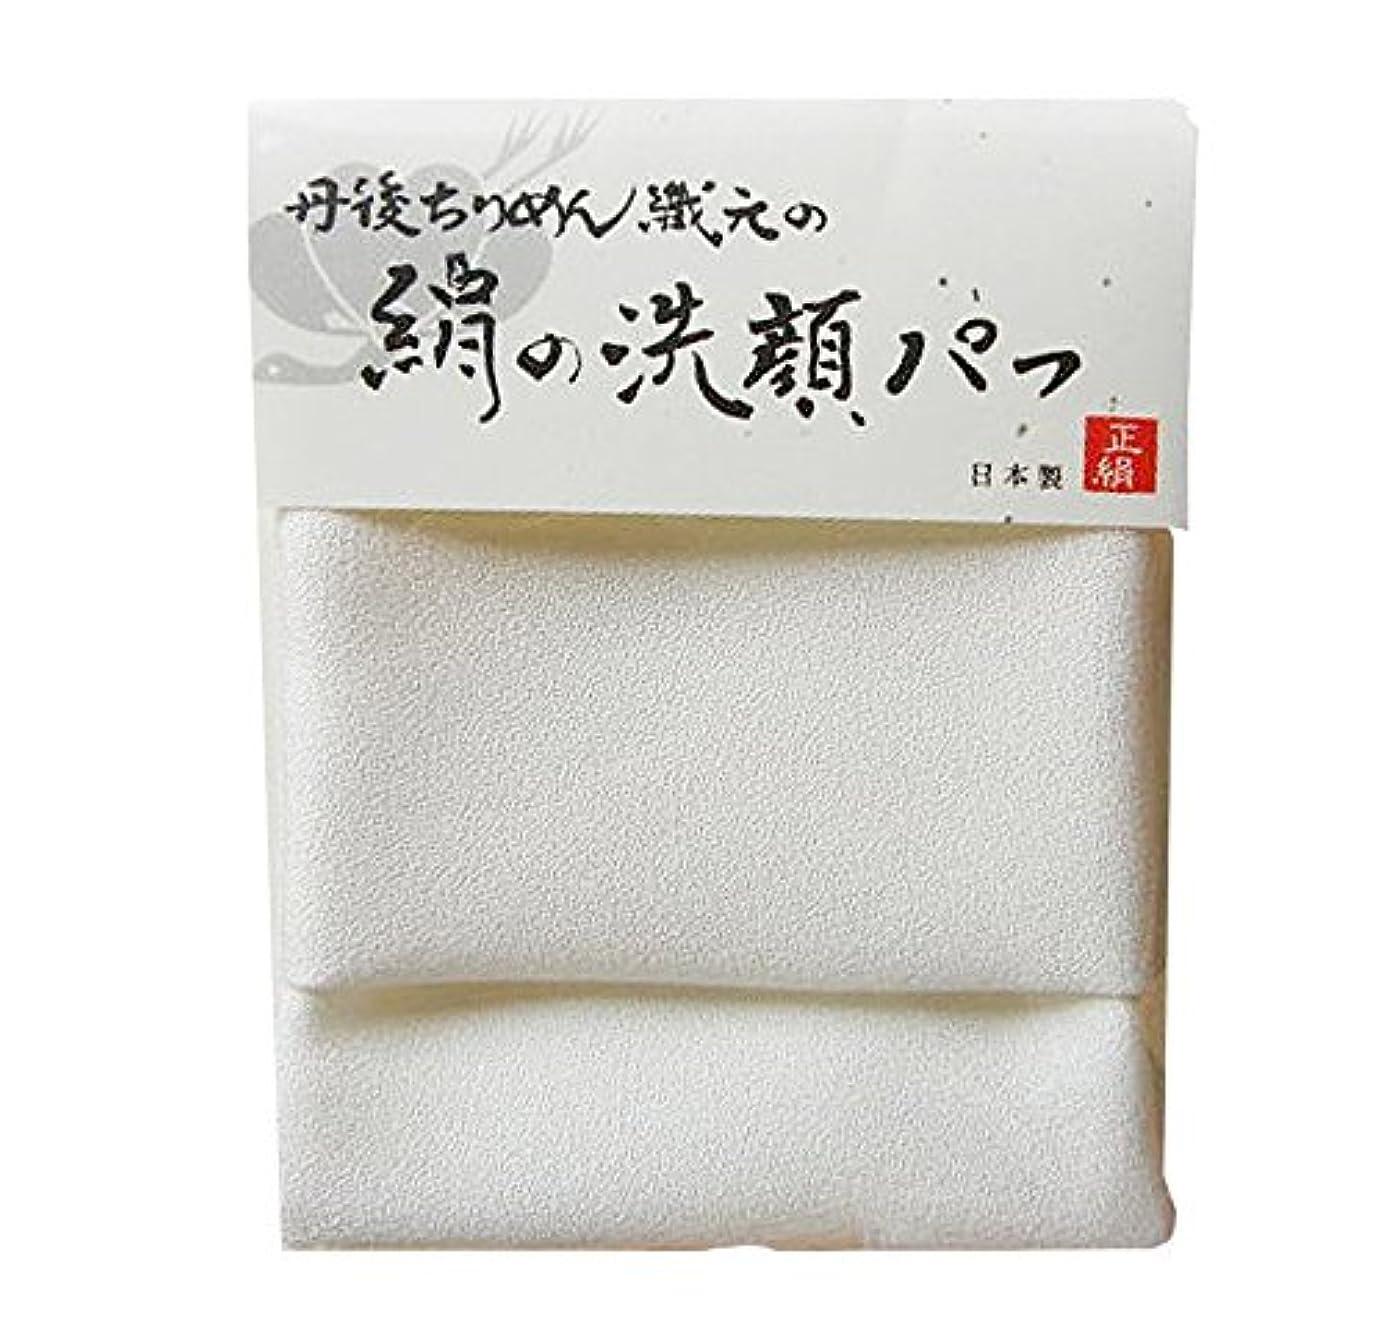 追放する満たすラバ【NHKイッピンで紹介!】丹後ちりめん織元の絹の洗顔パフ